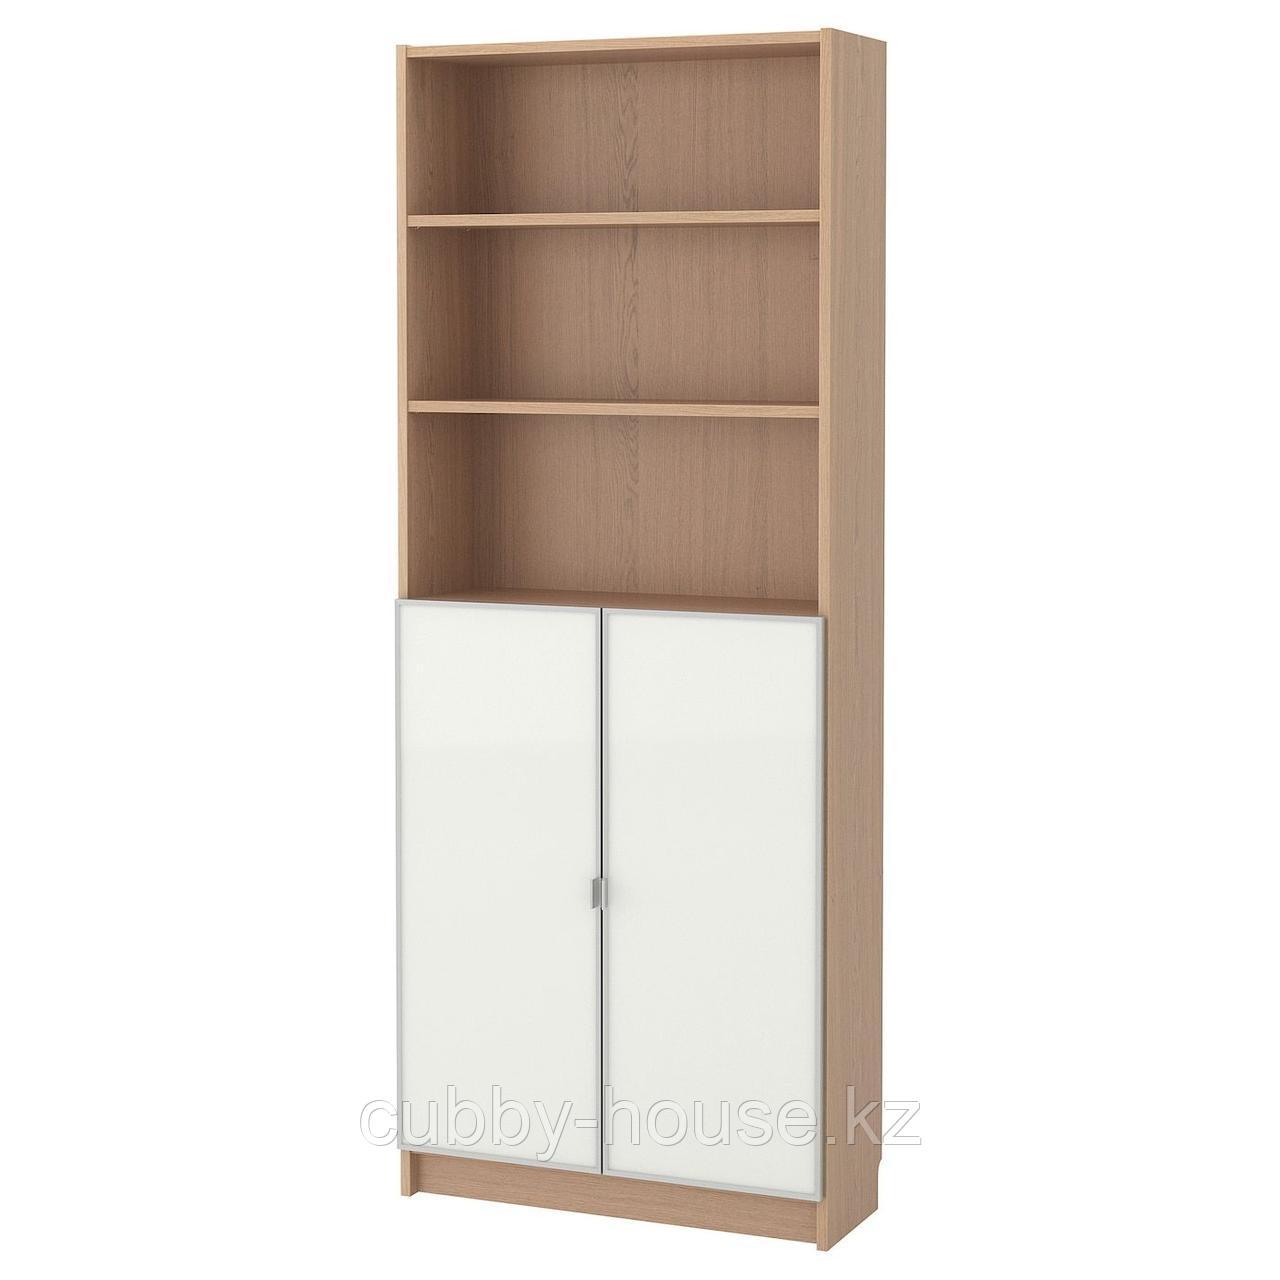 БИЛЛИ / МОРЛИДЕН Шкаф книжный со стеклянными дверьми, белый, стекло, 80x30x202 см